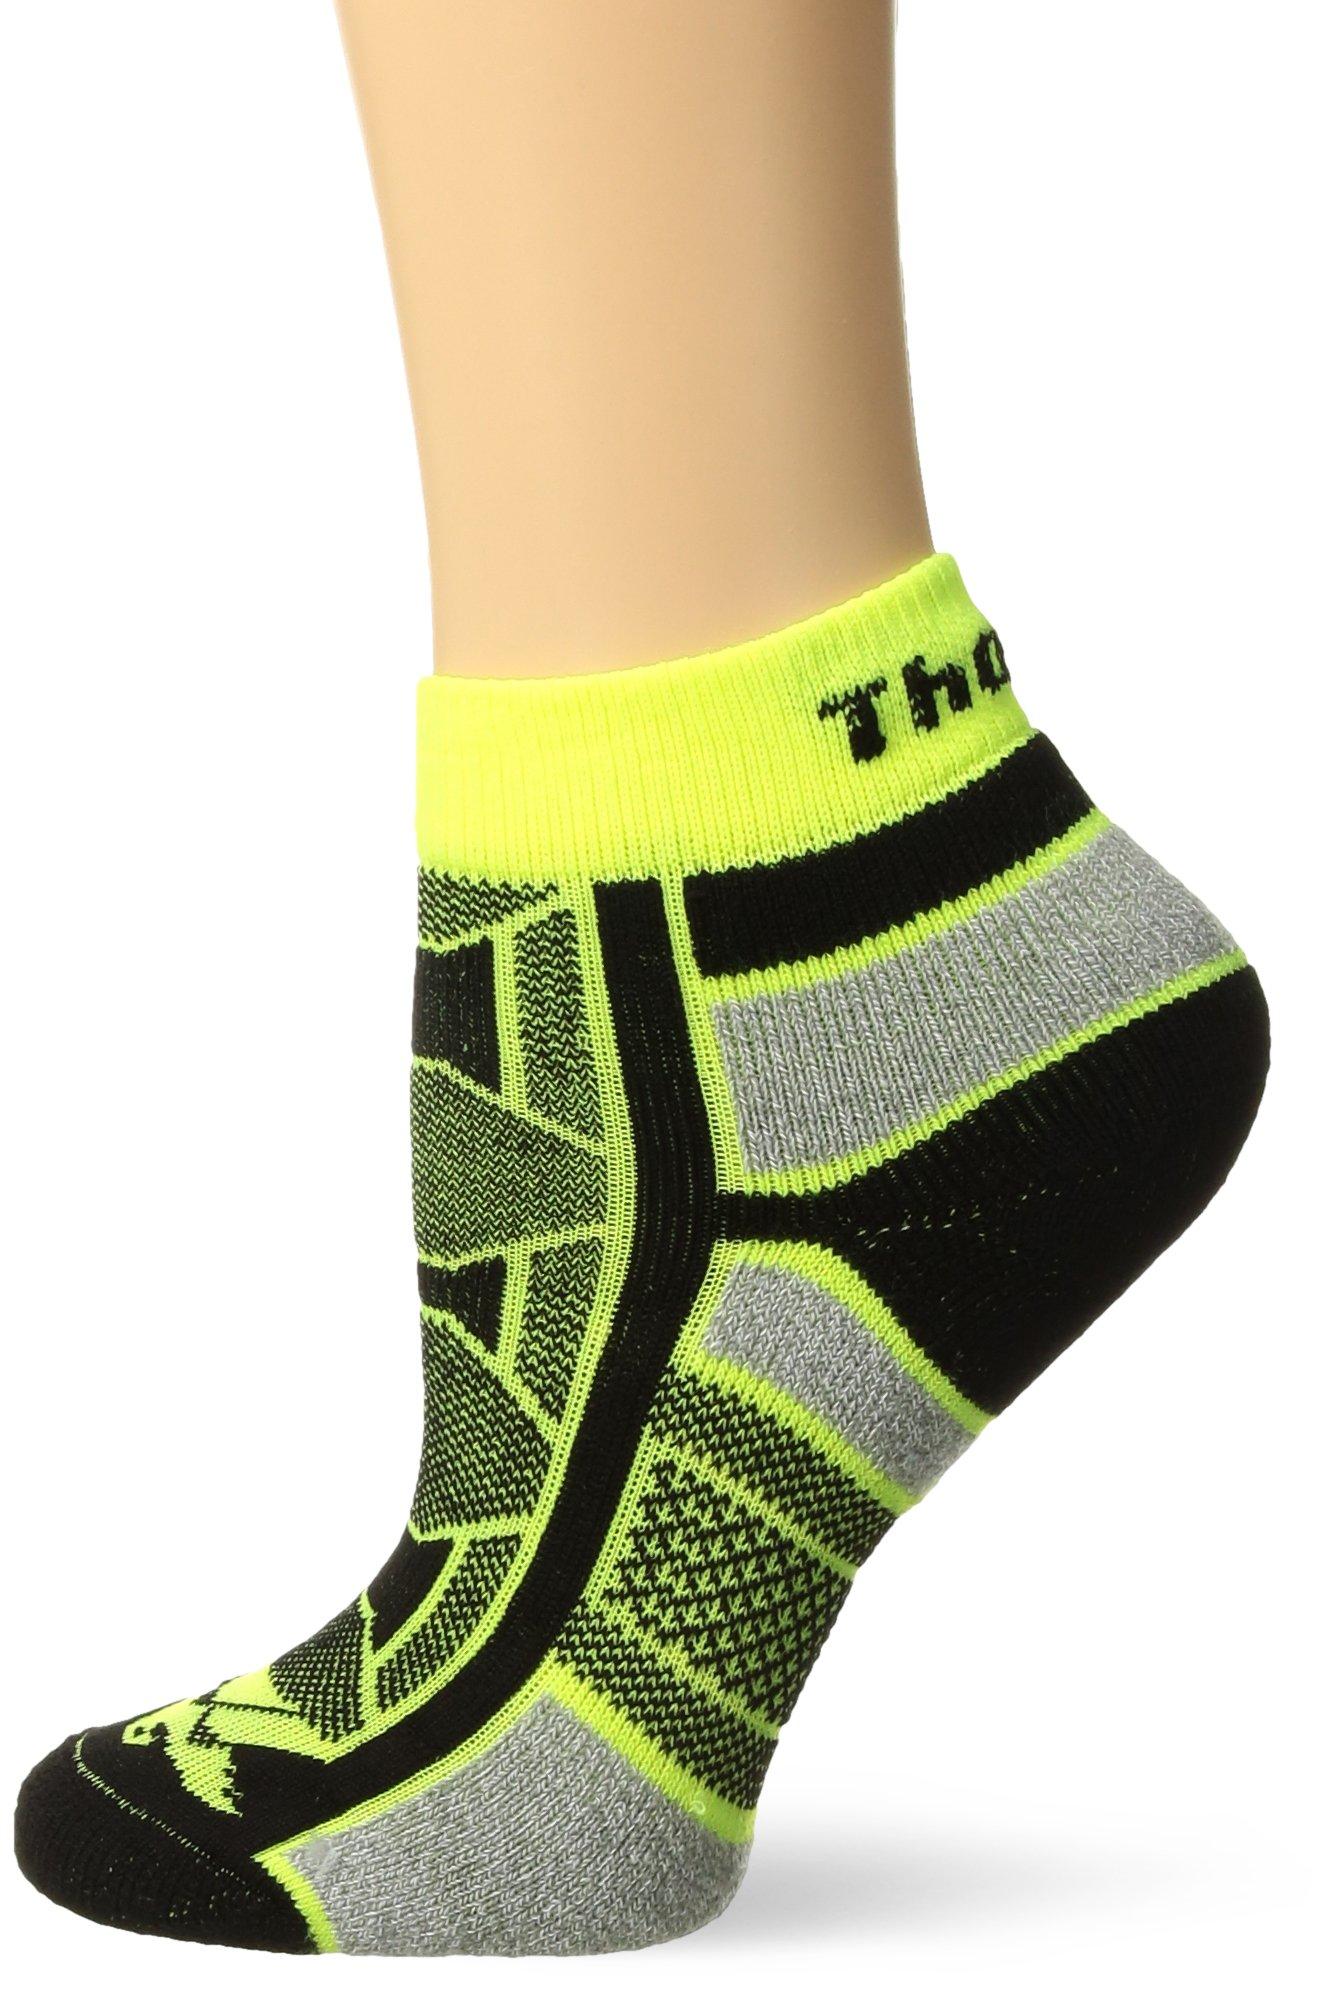 Thorlos Unisex OAQU Outdoor Athlete Thin Padded Ankle Sock, YELLOW JACKET, Large by Thorlo